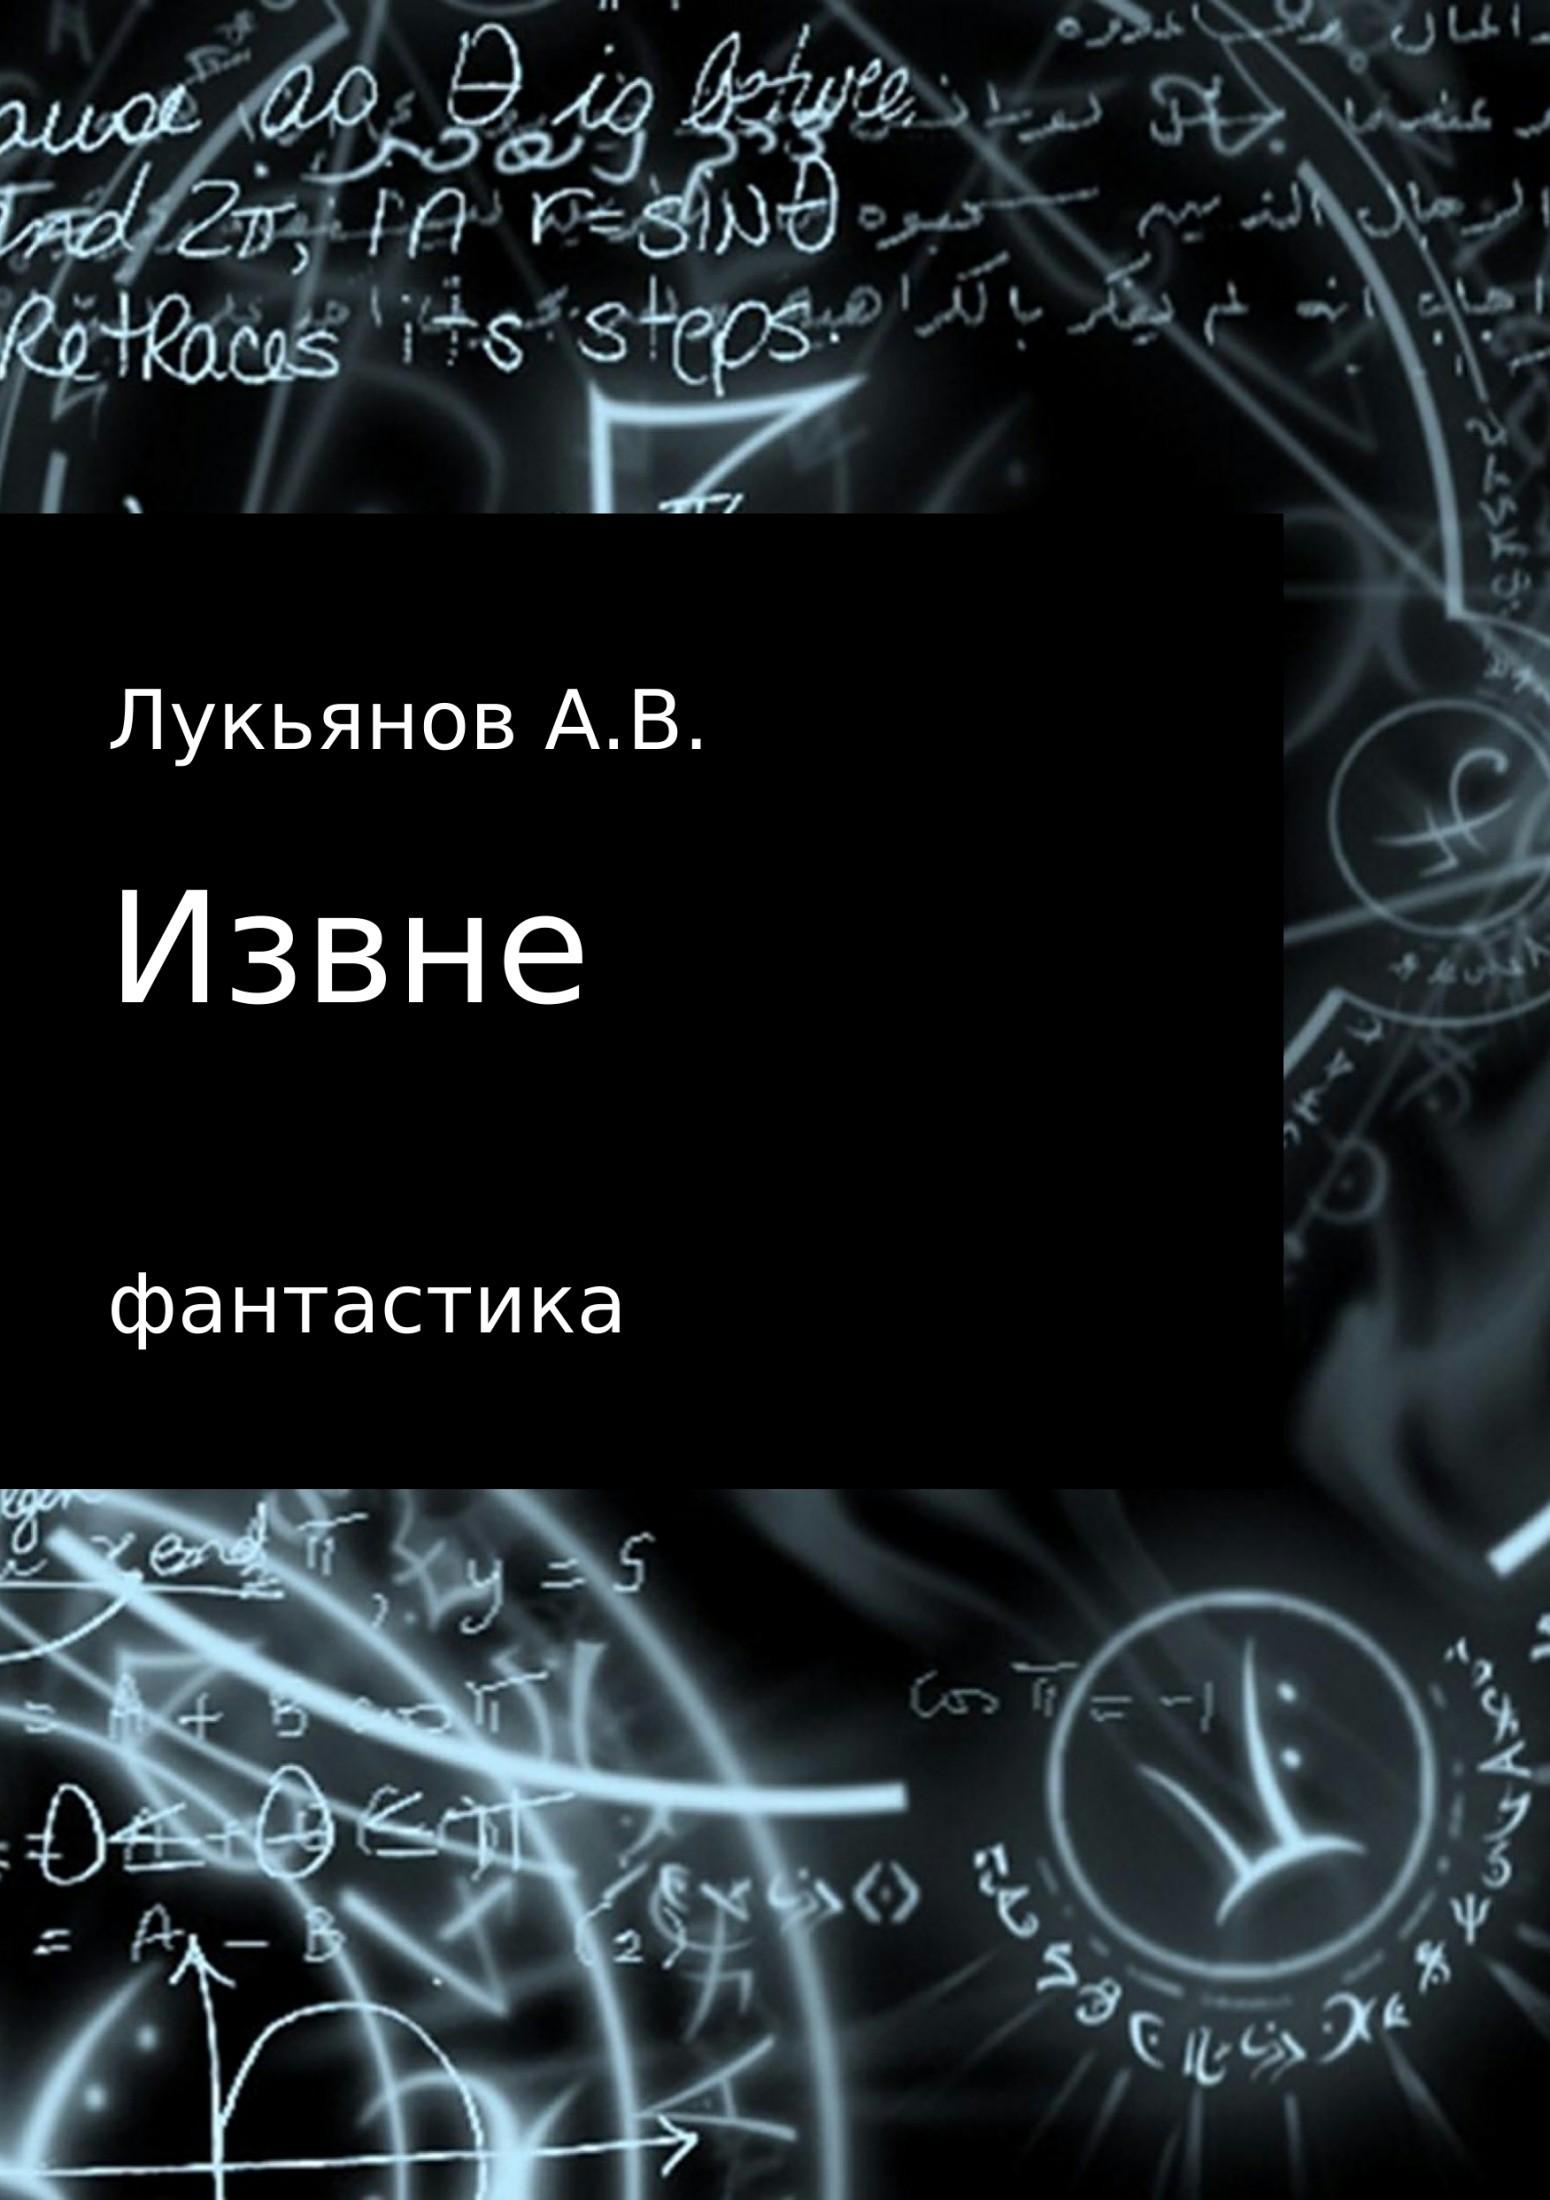 А В Лукьянов Извне алексей дмитриевич криволап рунет новое созвездие вгалактике интернет